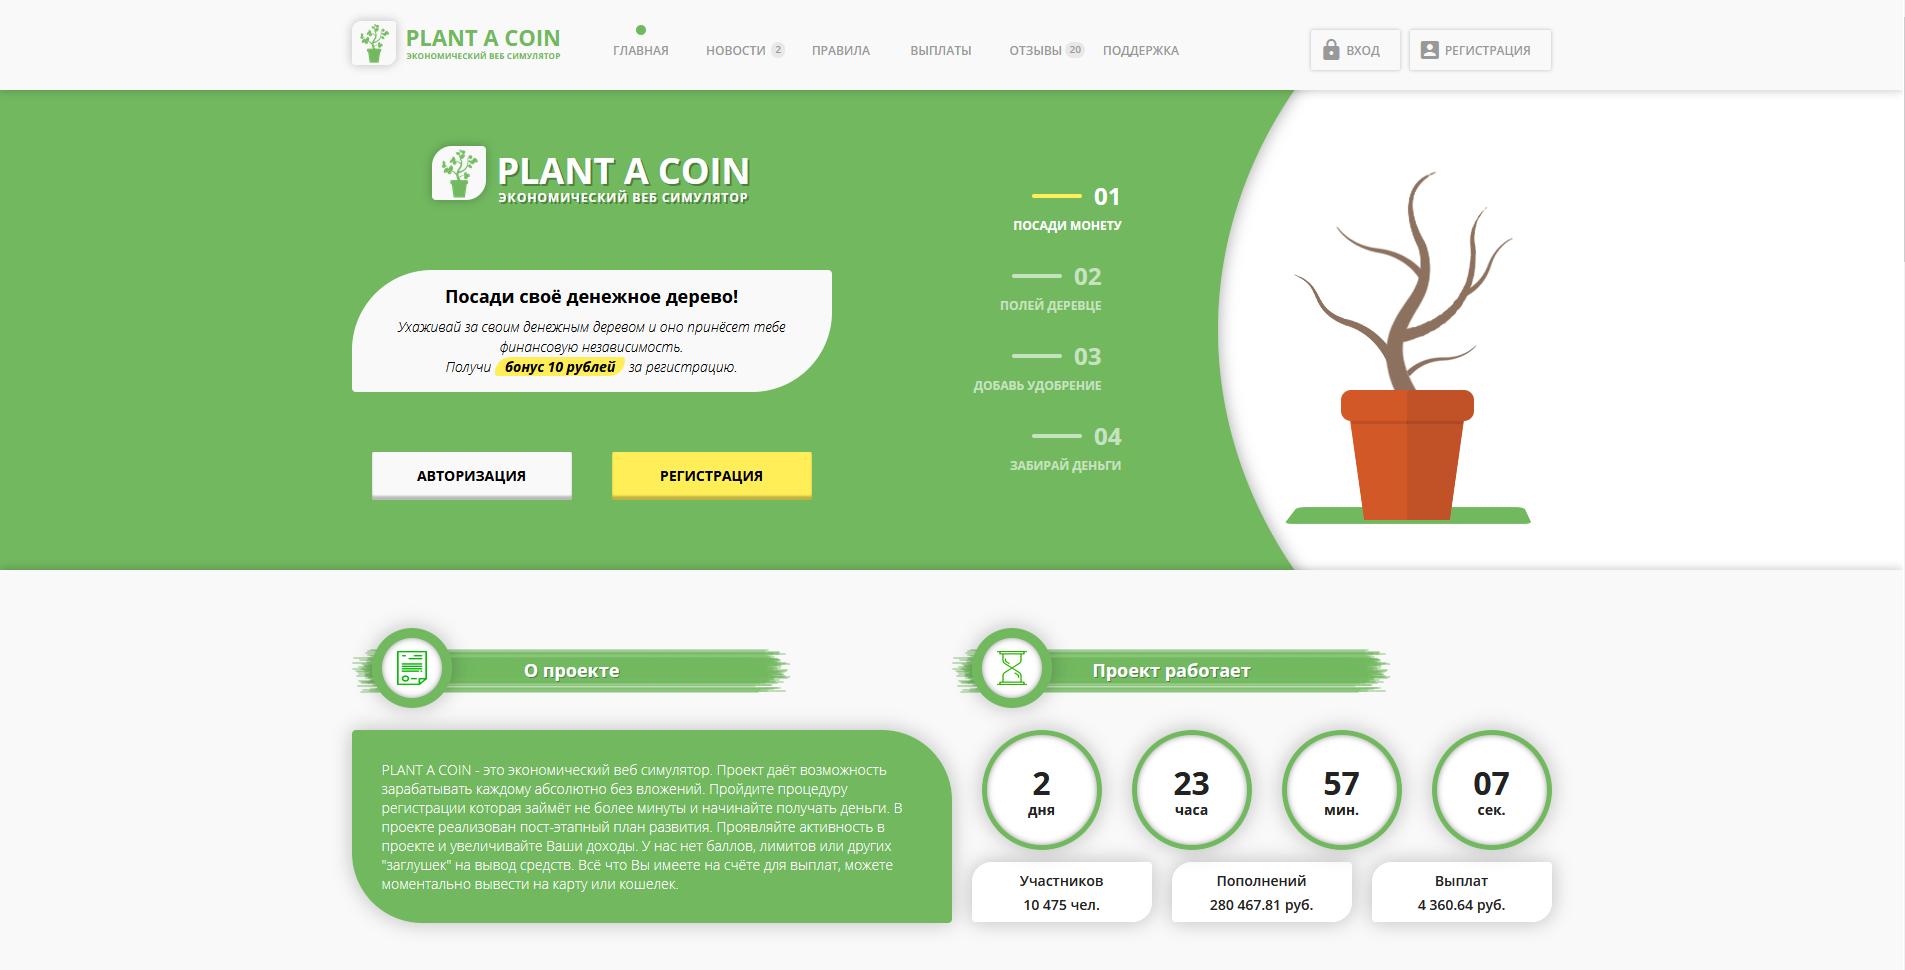 plant a coin - plant-a-coin.biz